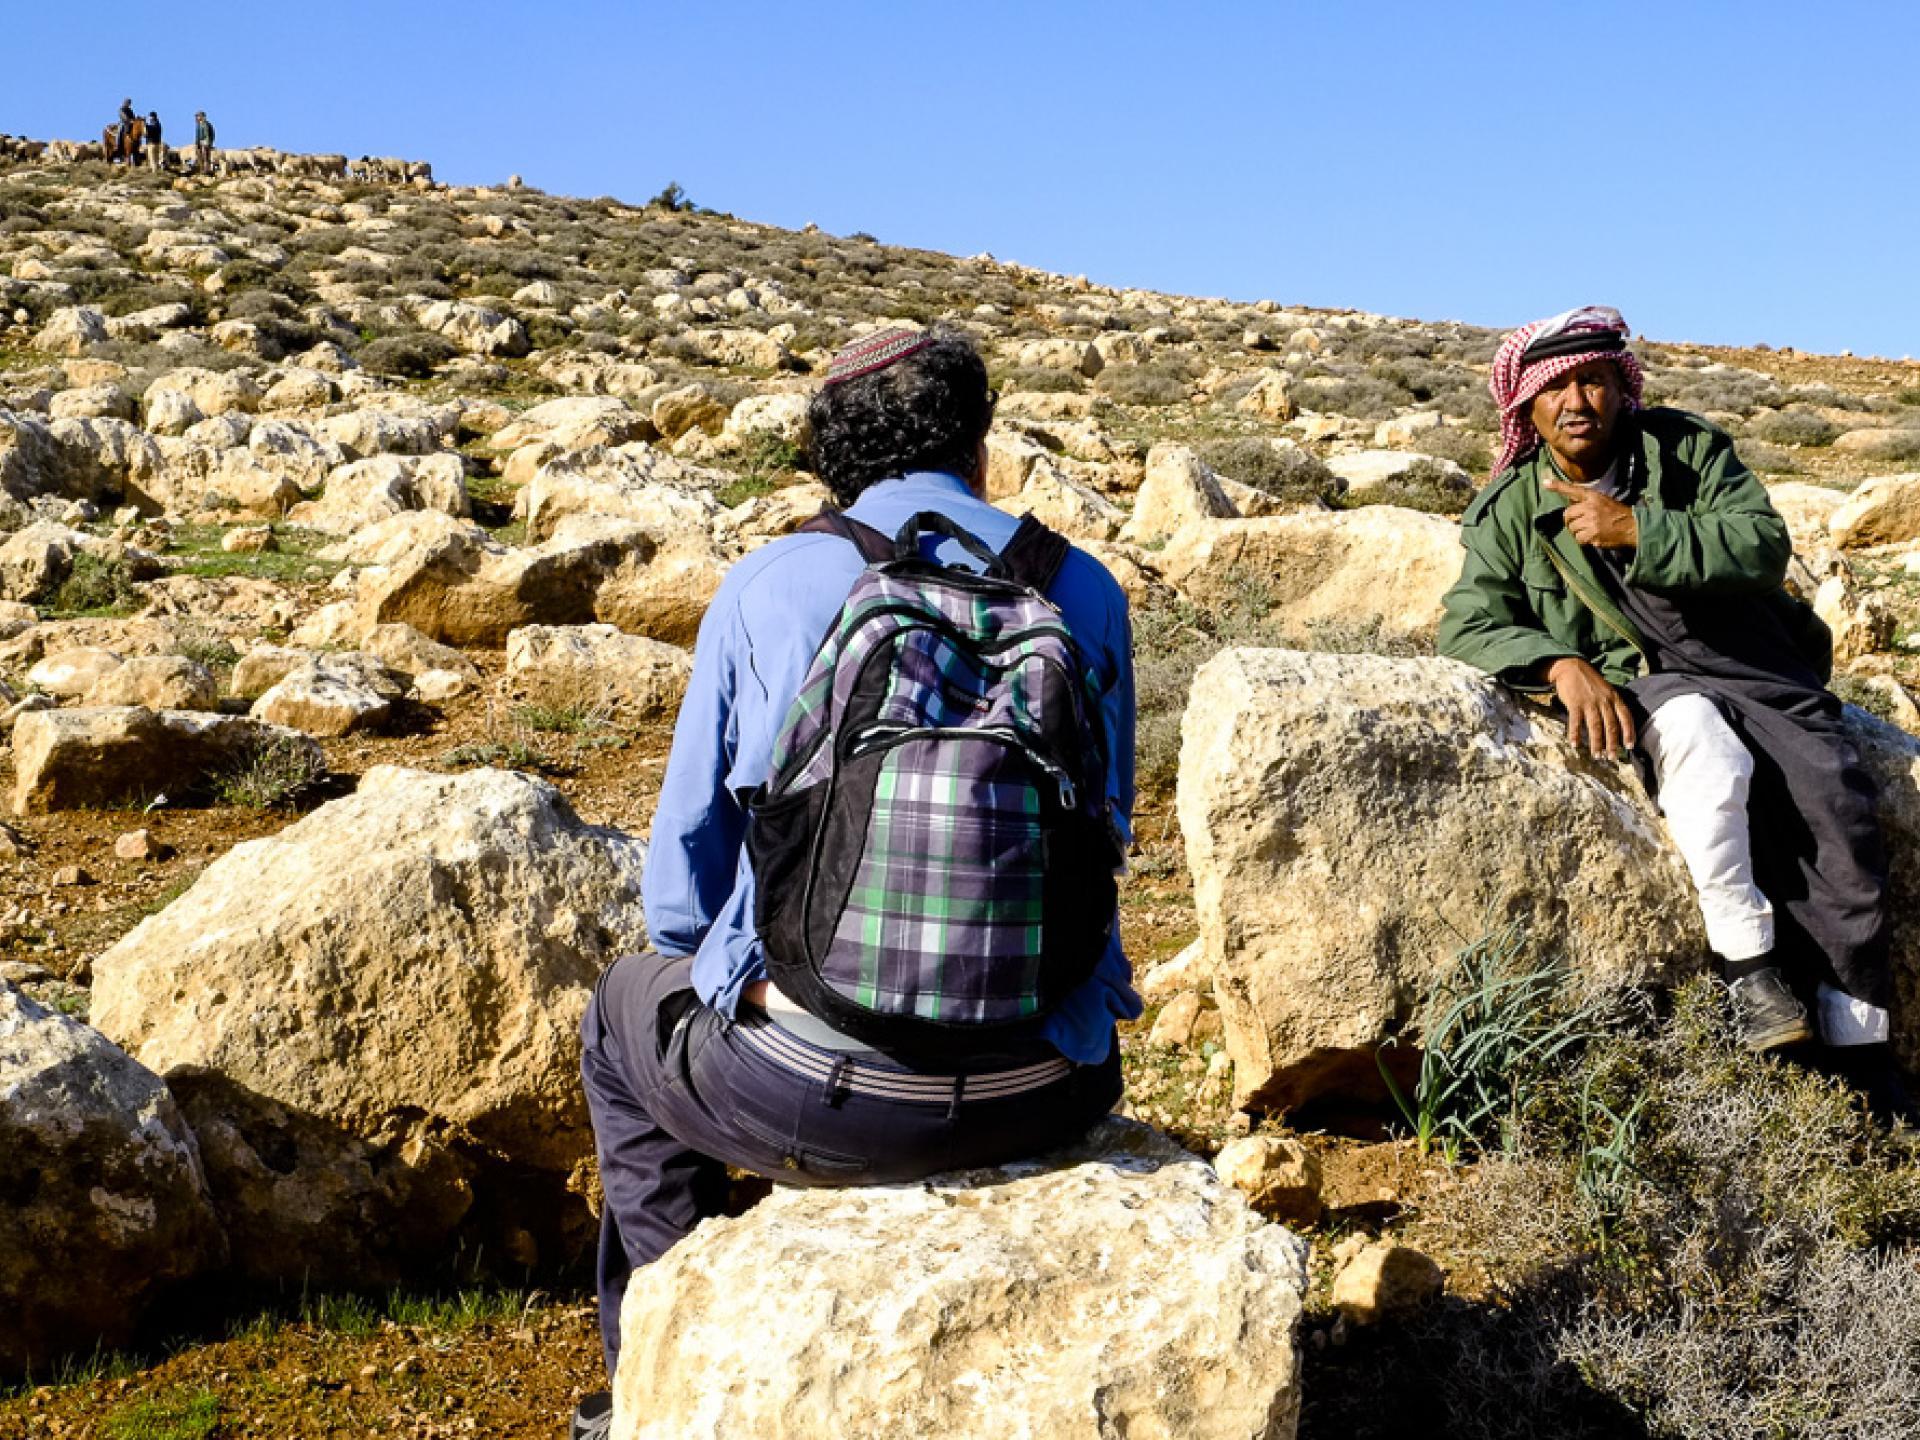 הרב אריק אשרמן עם הרועה הזקן - ברקע על הפסגה חיילים ומתנחלים עם העדר שלהם